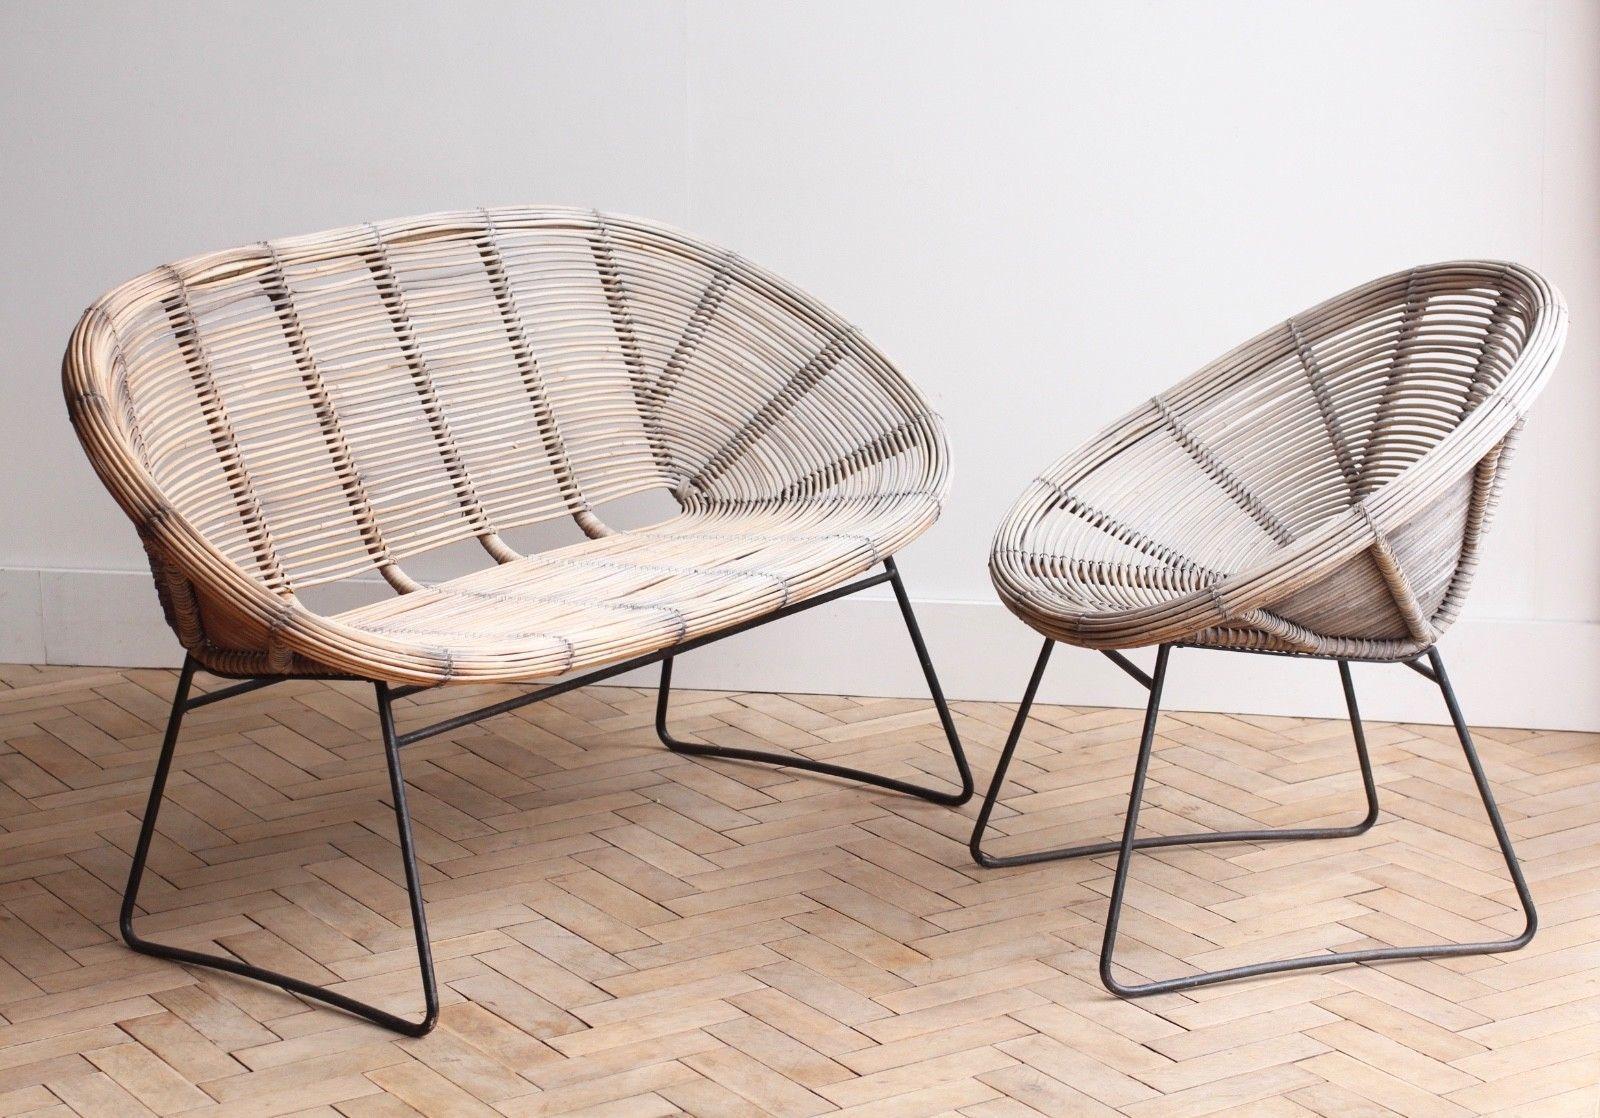 Vintage Retro Garden Cane Wicker Bench And Chair Set Mid Century Chair Grey Garden Furniture Vintage Chairs